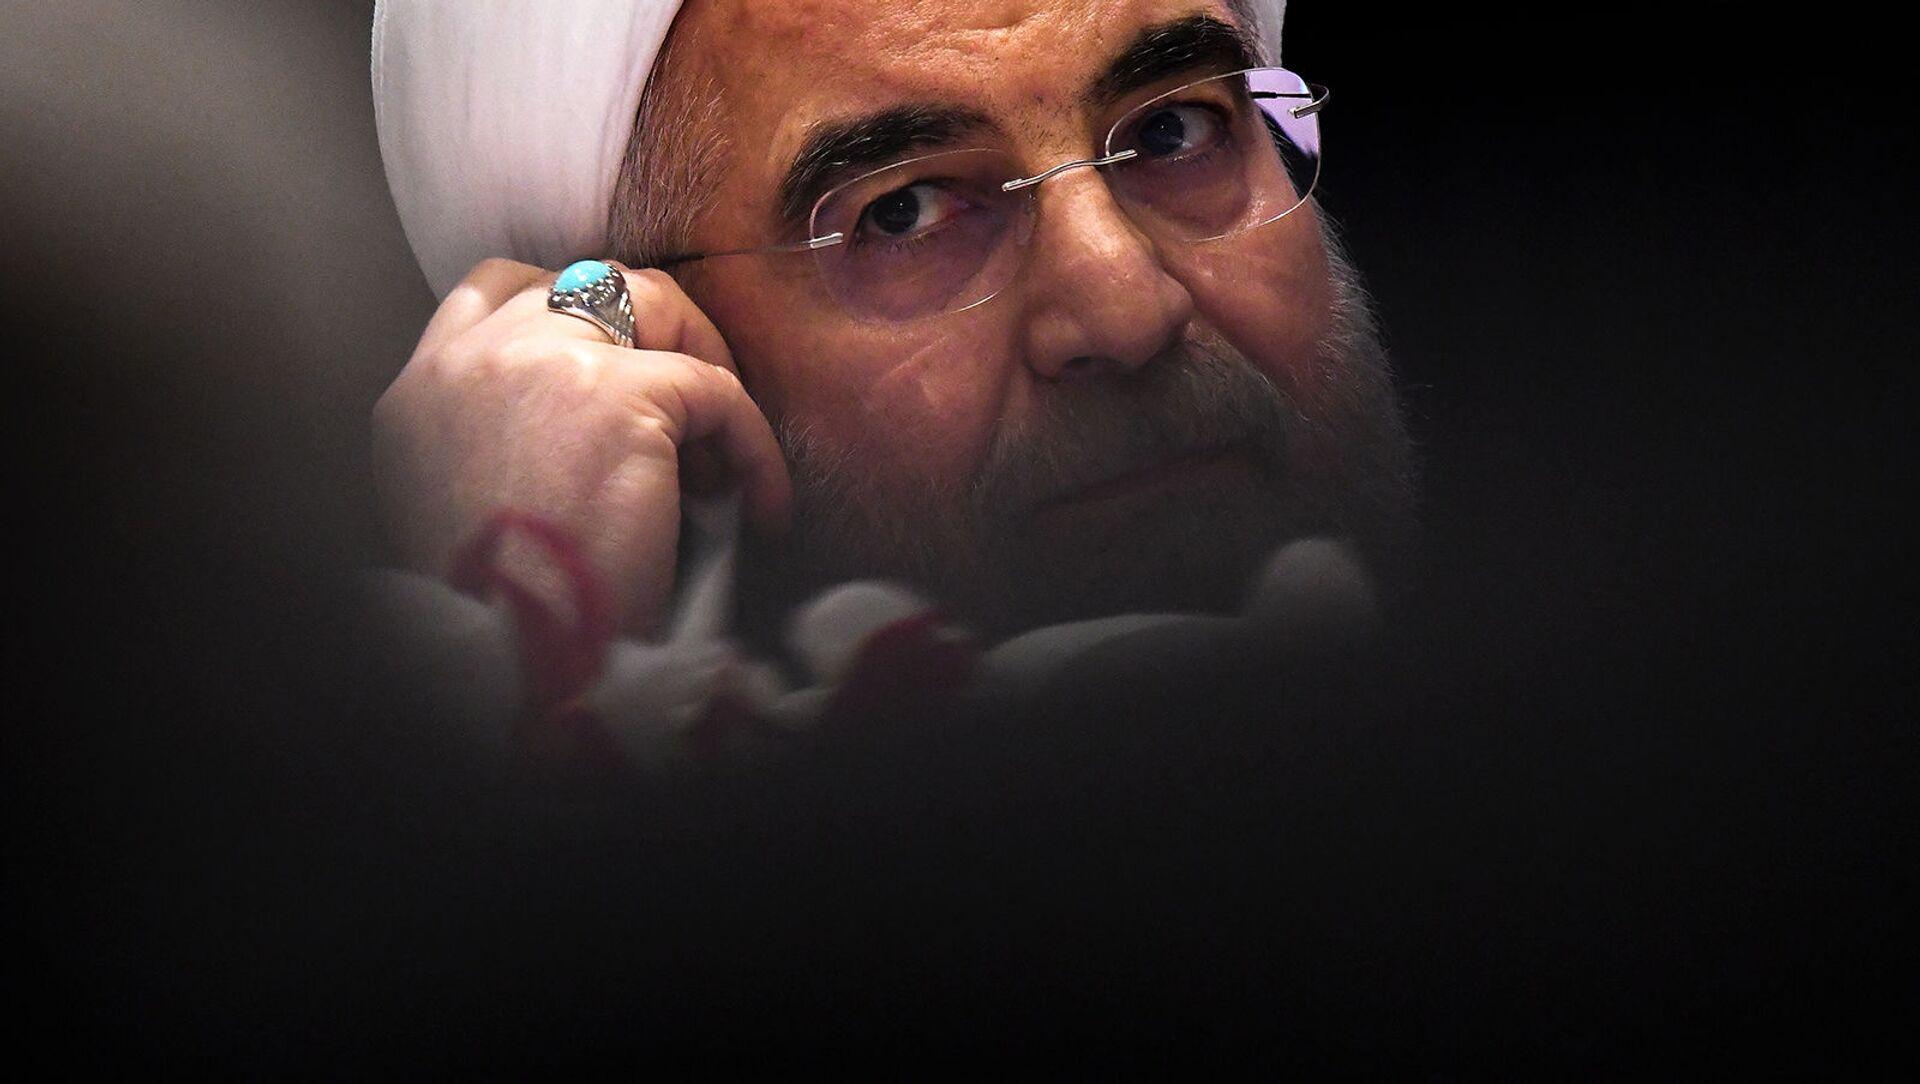 Президент Ирана Хасан Роухани на пресс-конференции в преддверии 72-й сессии Генеральной Ассамблеи ООН (20 сентября 2017). Нью-Йорк - Sputnik Армения, 1920, 20.05.2021